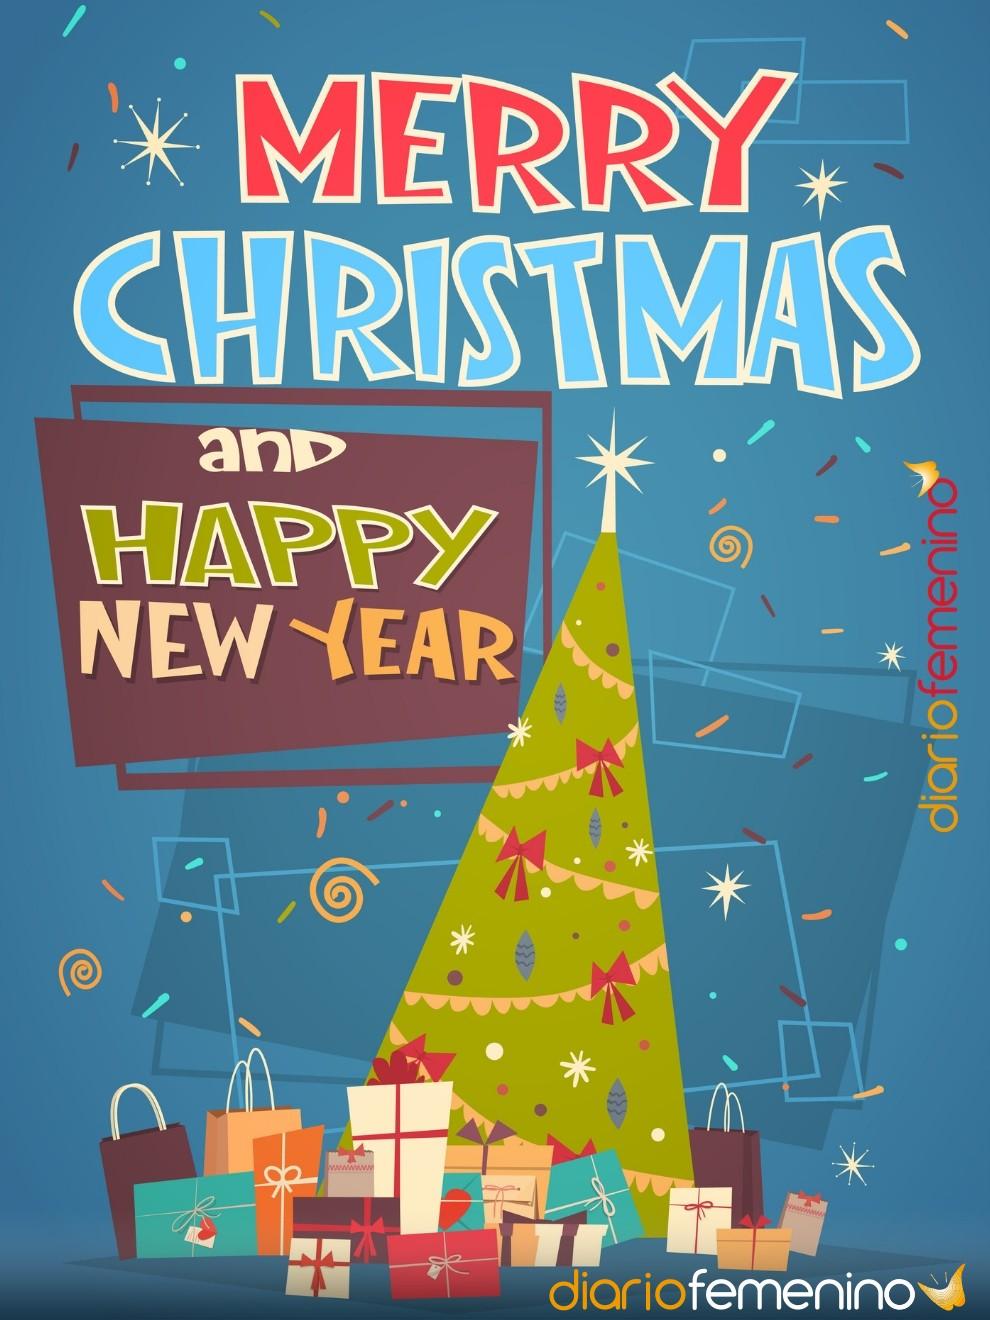 Christmas para felicitar la Navidad y el Año Nuevo en inglés a tus amigos